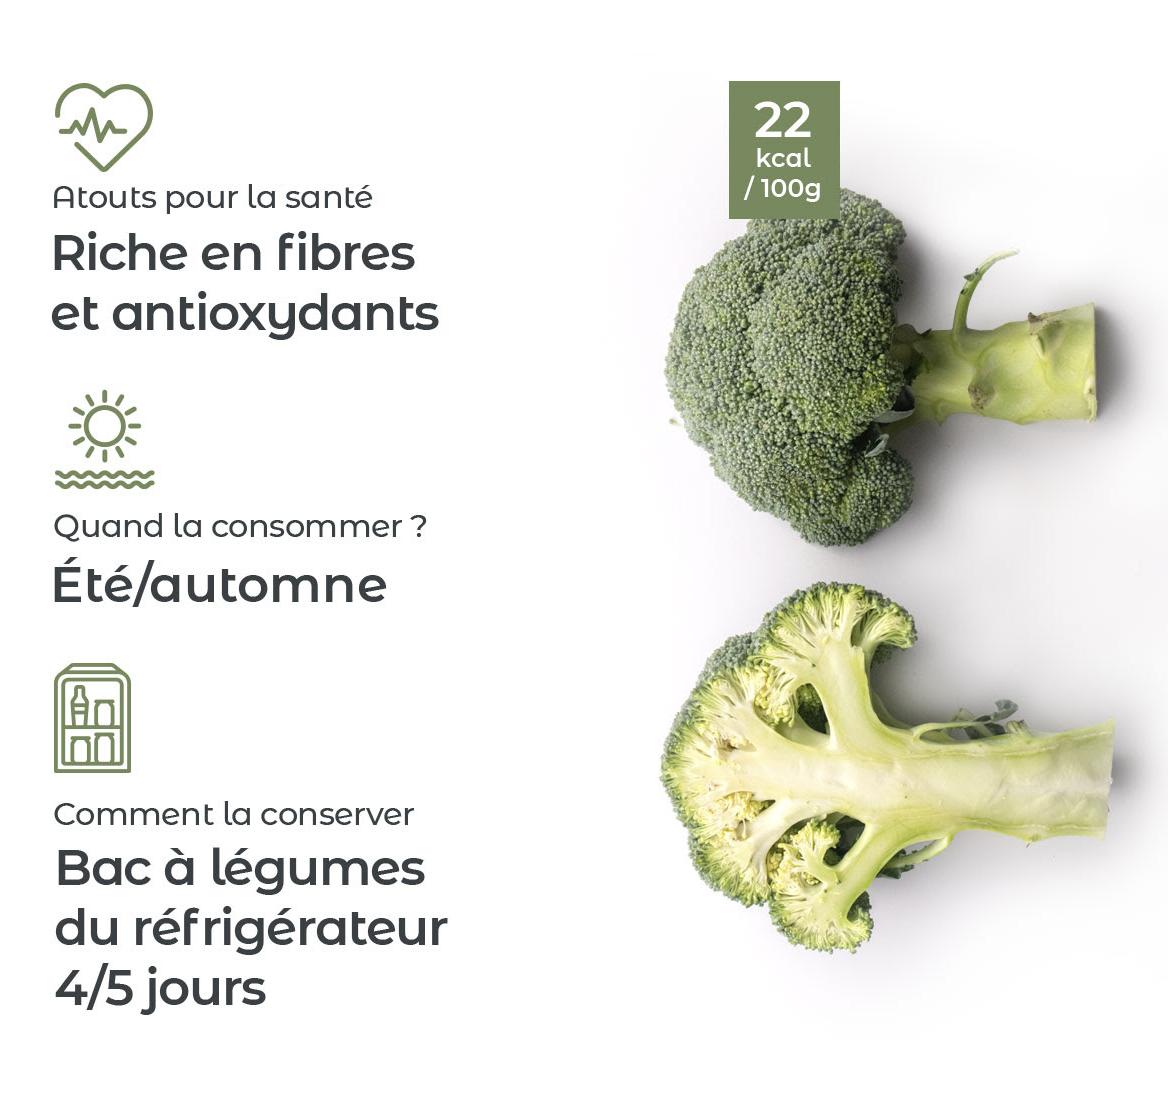 Le brocoli : atouts, conservation, saison